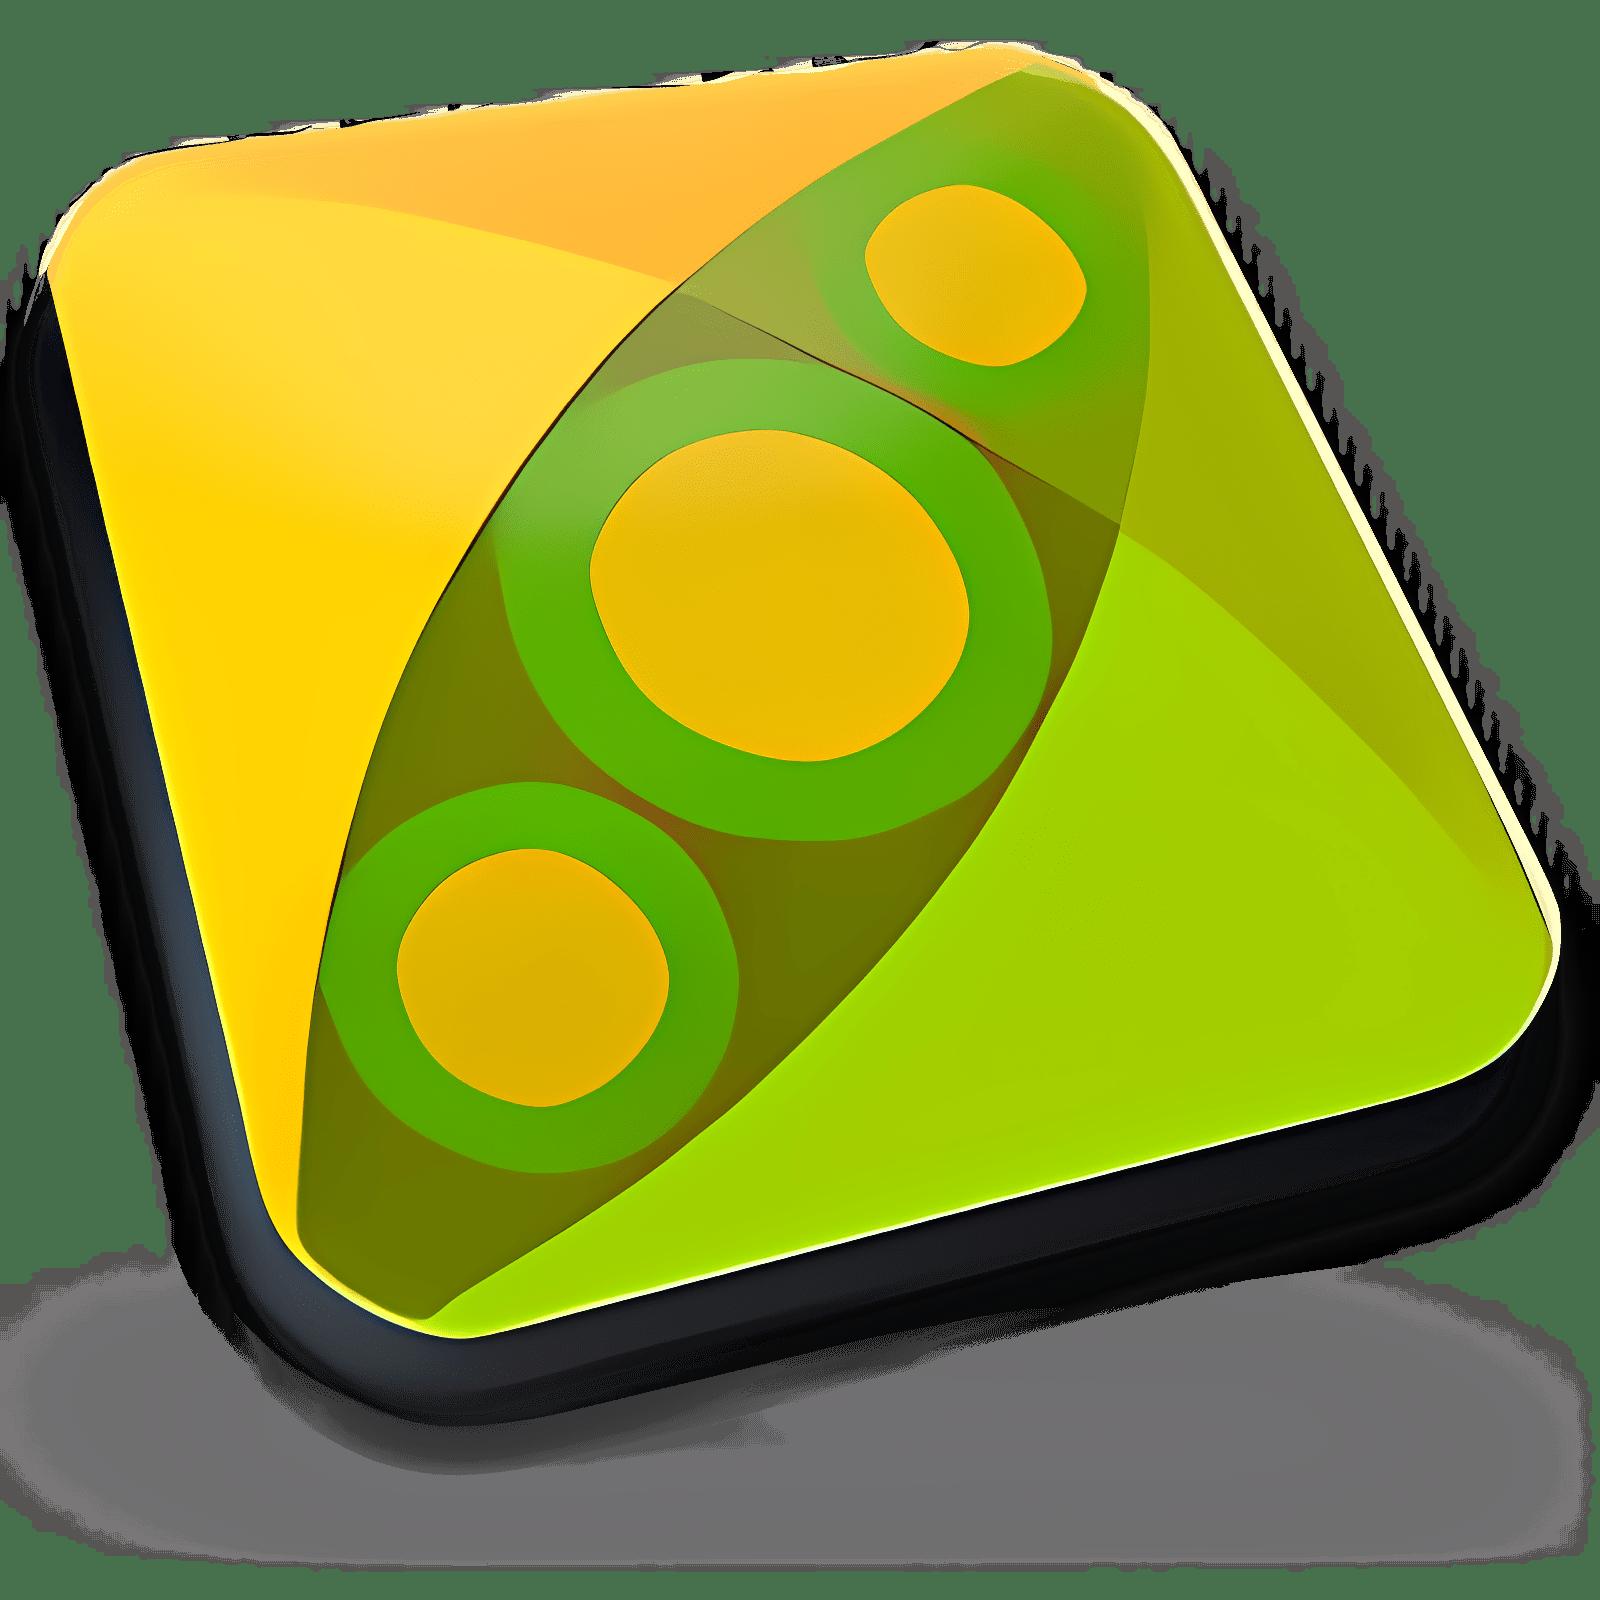 PeaZip 64 bits 6.2.0 (64 bits)